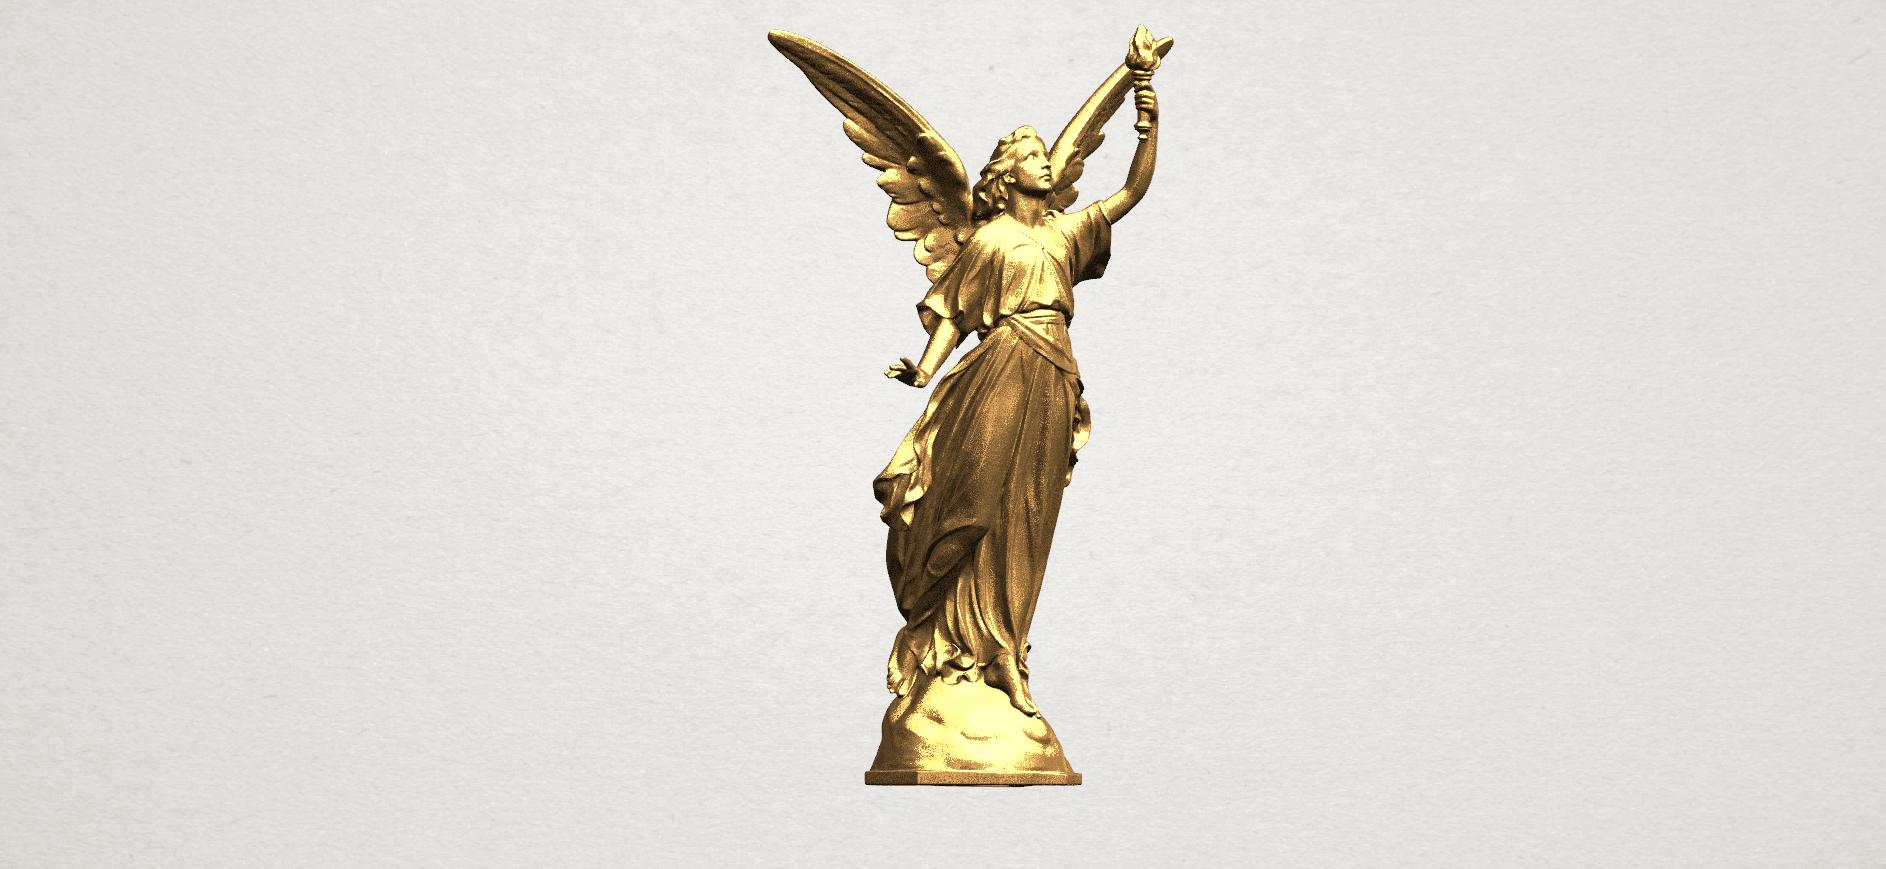 Statue 01 - A07.png Télécharger fichier STL gratuit Statue 01 • Design à imprimer en 3D, GeorgesNikkei